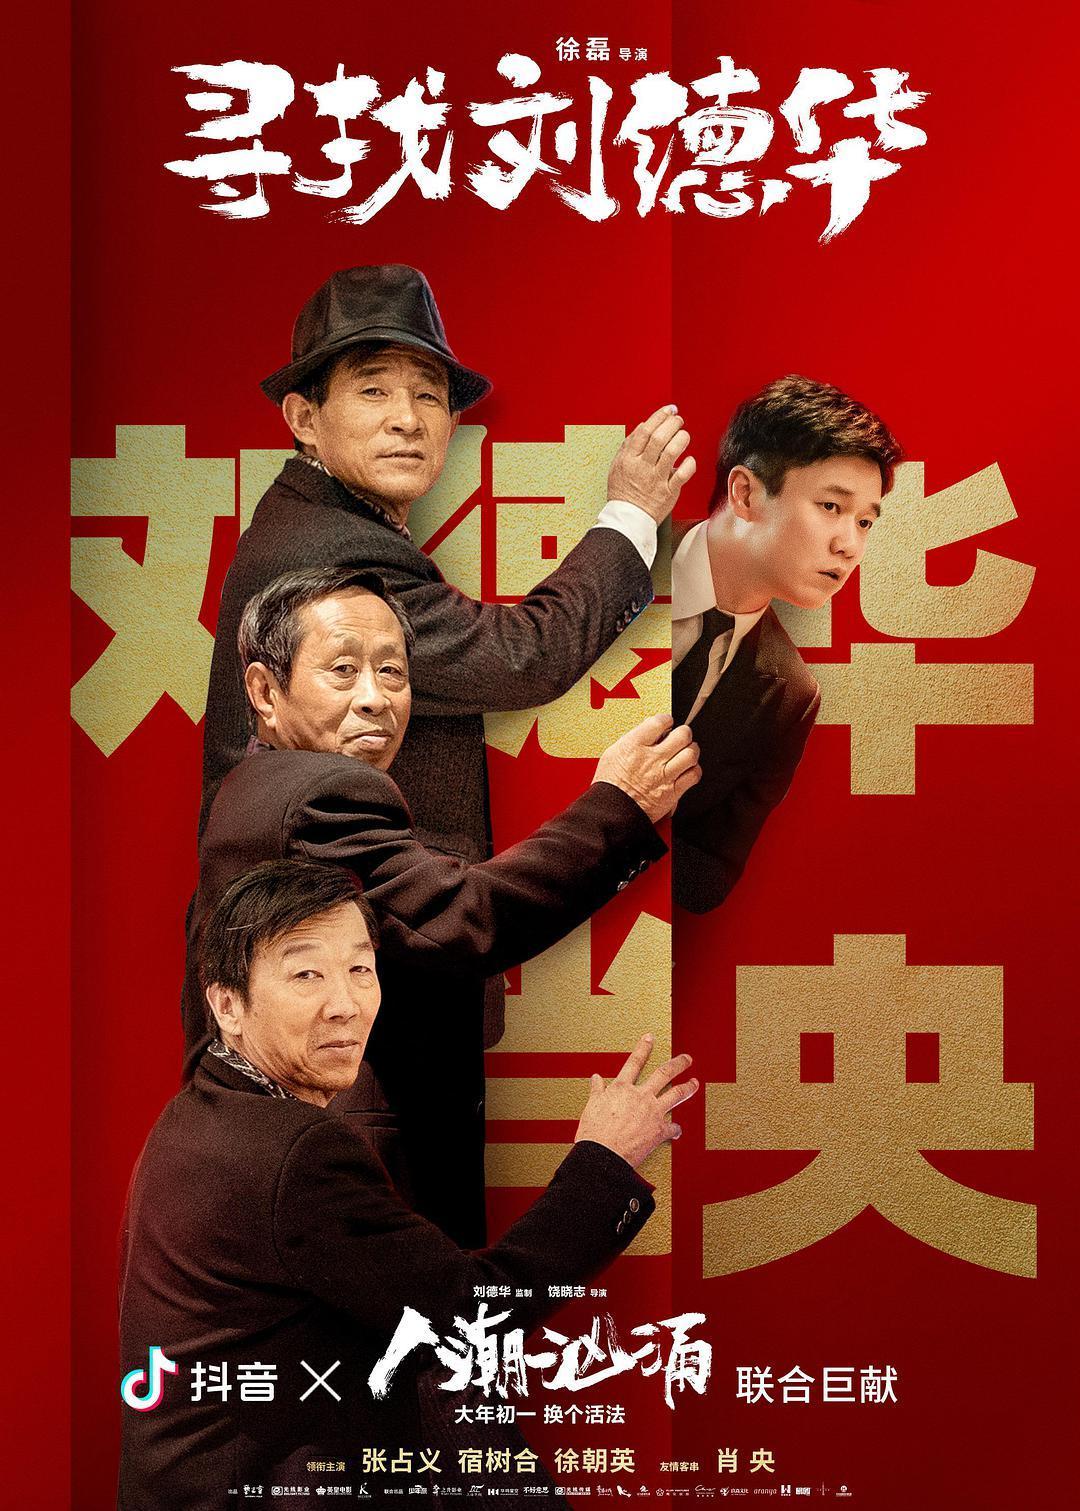 寻找刘德华影评观后感:徐磊的庶民喜剧越发纯熟了